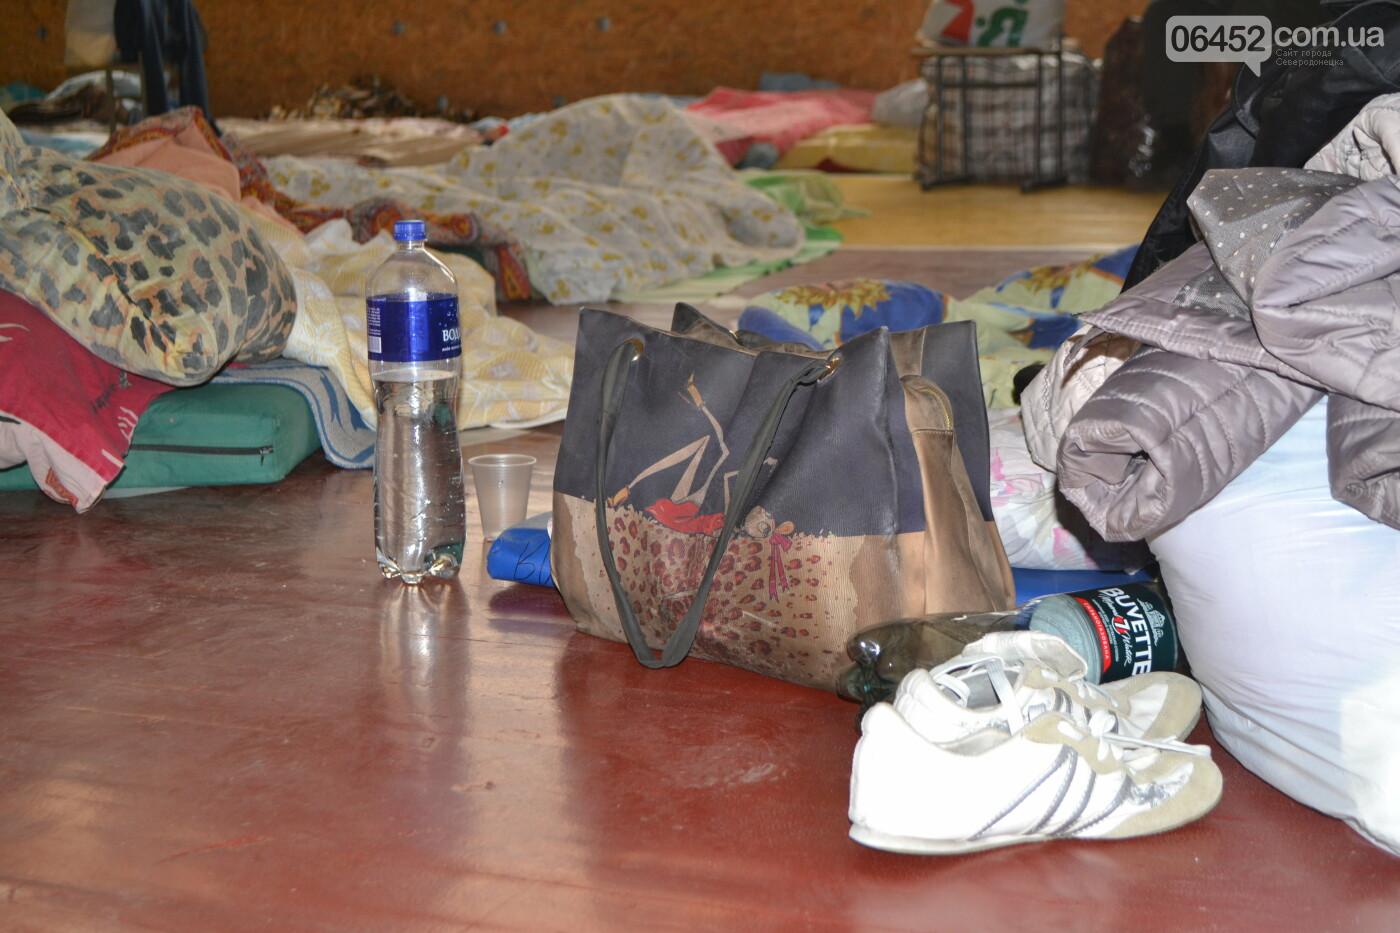 Продукты, средства гигиены и посуда: погорельцы Луганщины нуждаются в помощи, фото-2